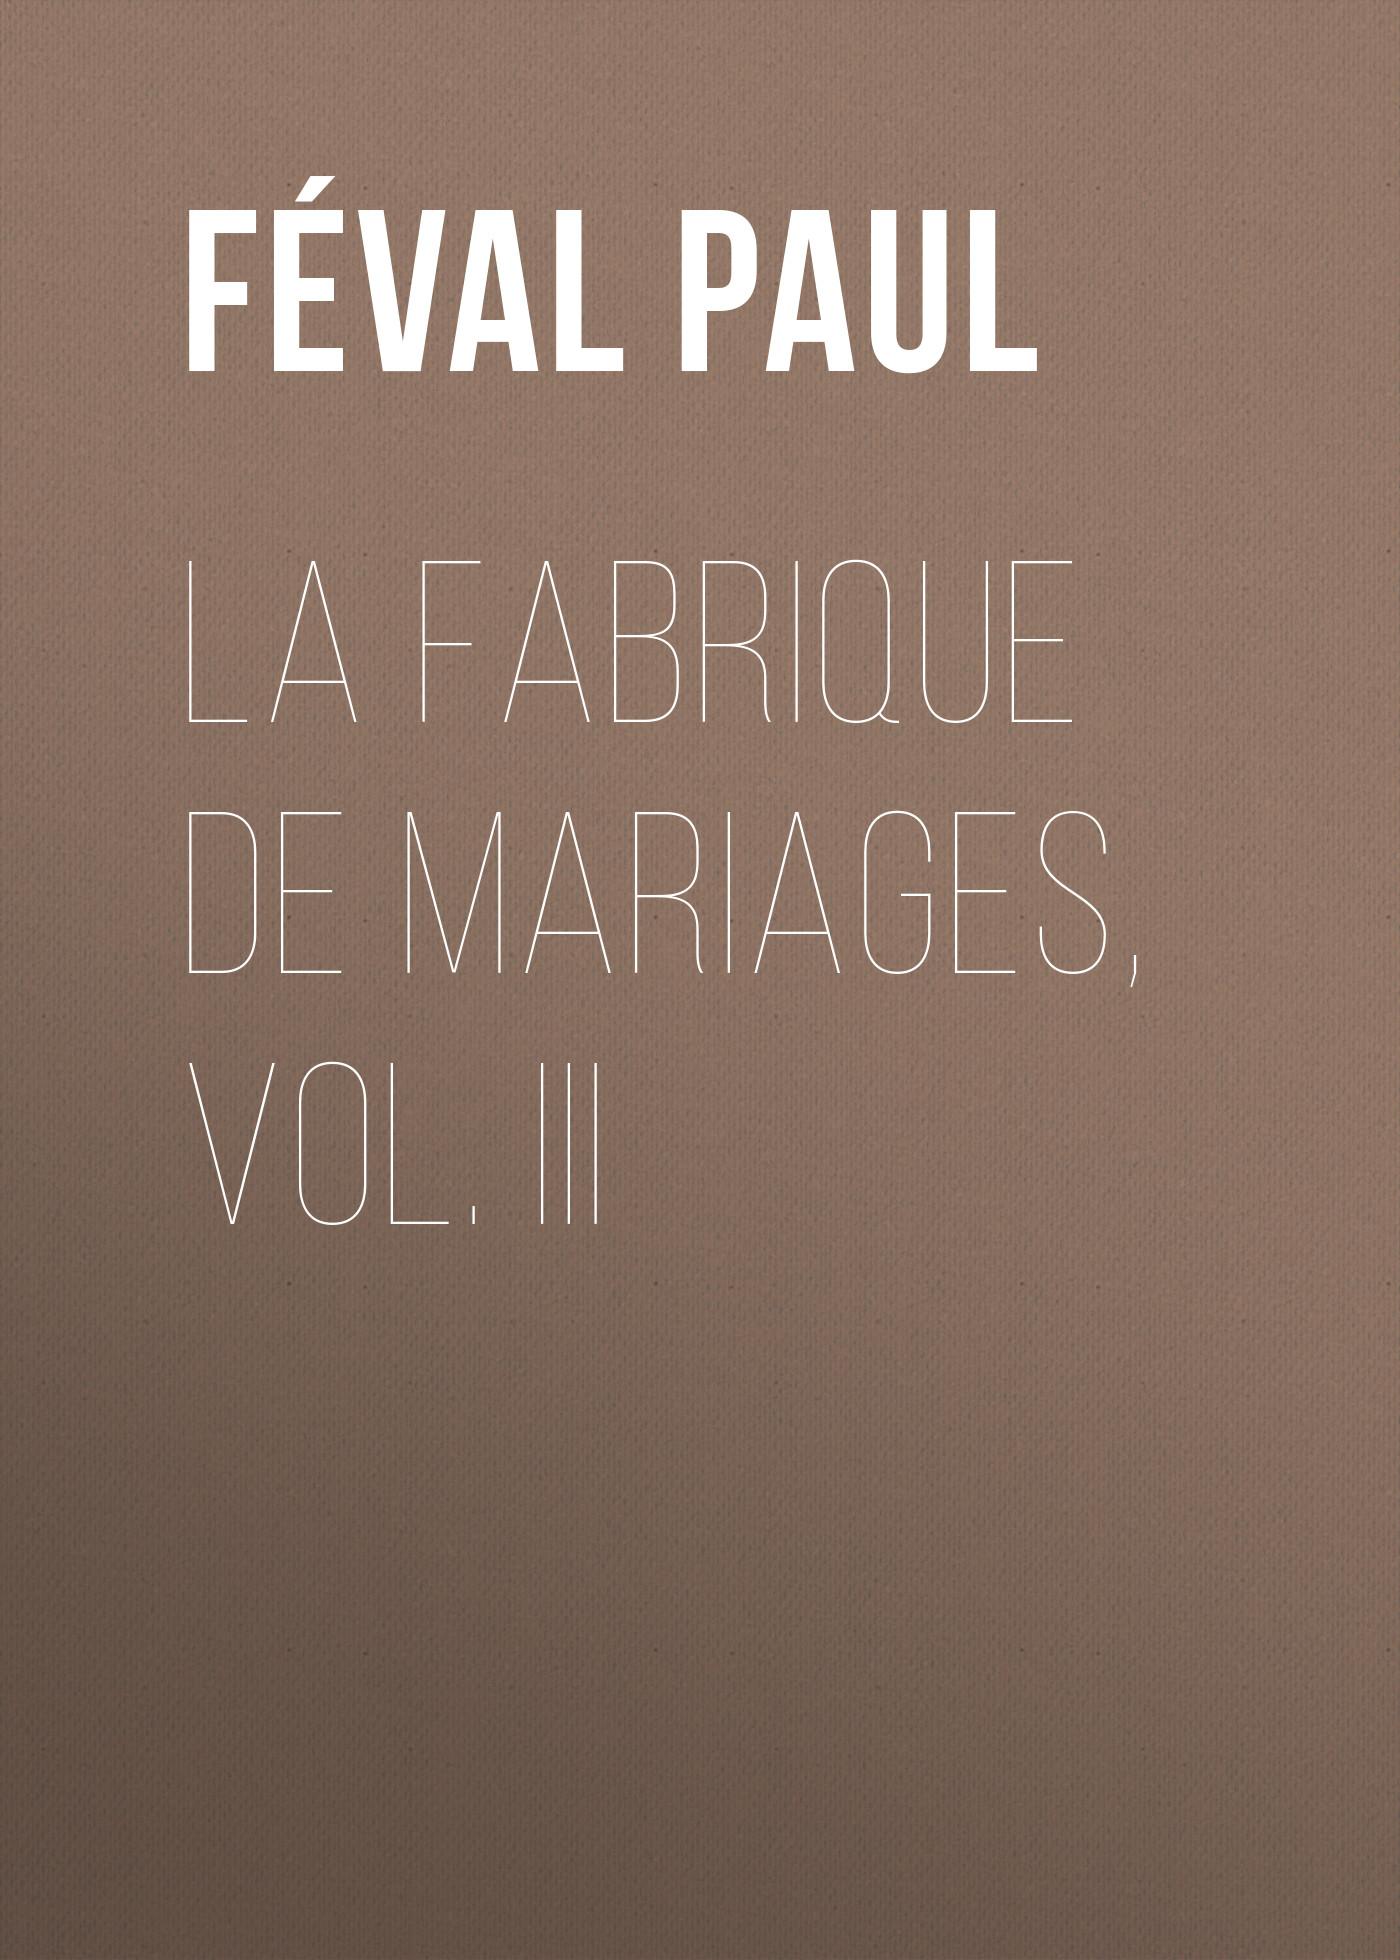 Féval Paul La fabrique de mariages, Vol. III mauro palumbo tabula risa vol iii